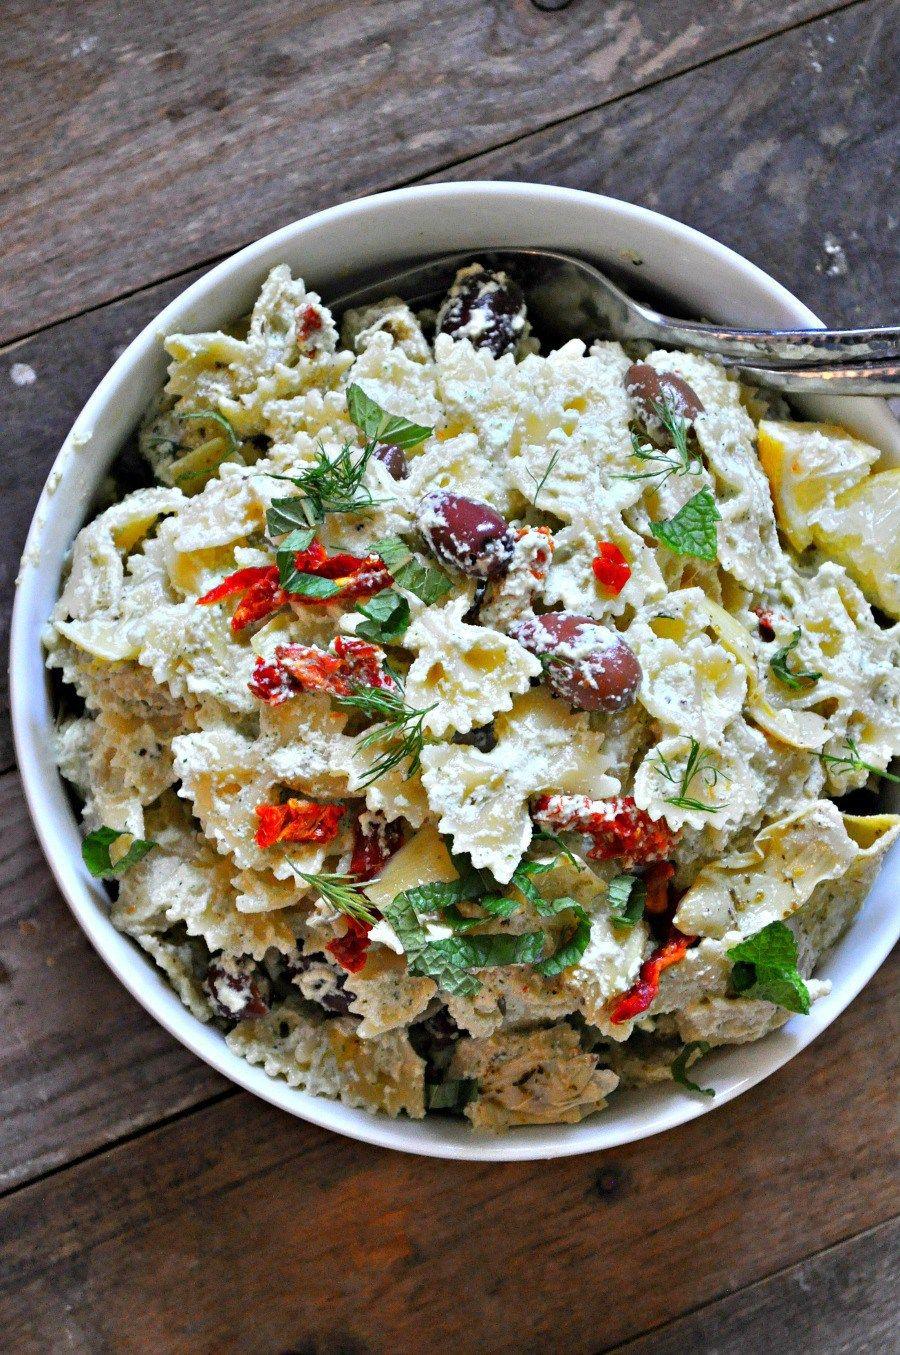 Vegan Tzatziki Pasta Salad Rabbit And Wolves Recipe Vegan Pasta Salad Vegan Tzatziki Vegan Pasta Salad Recipe